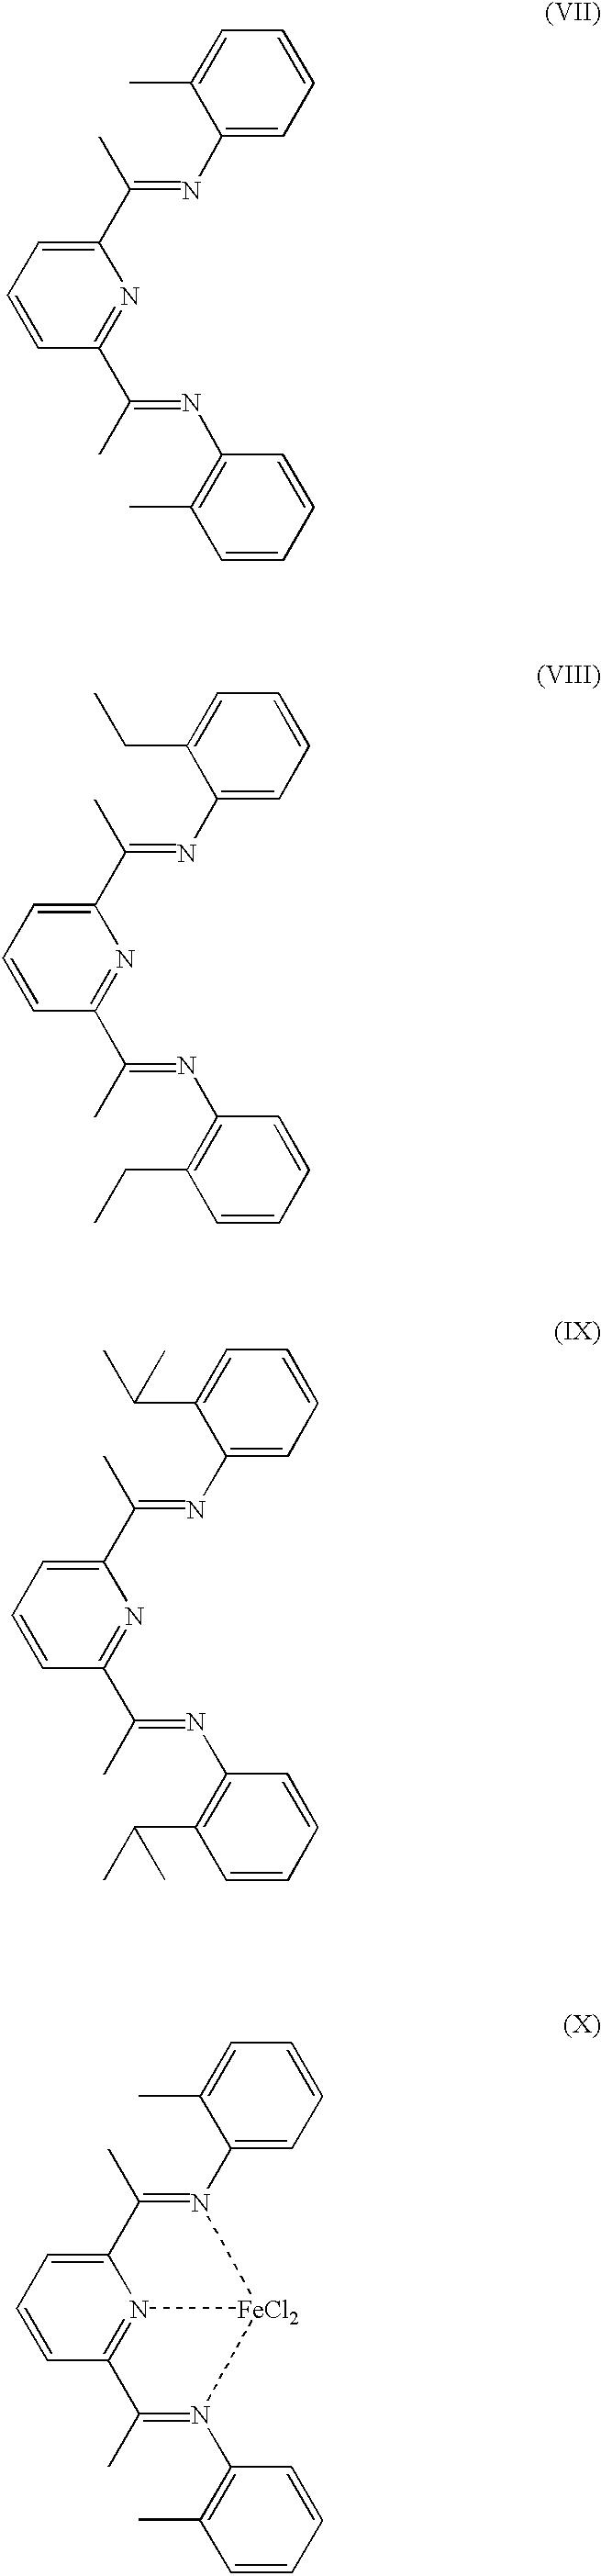 Figure US20030036615A1-20030220-C00014